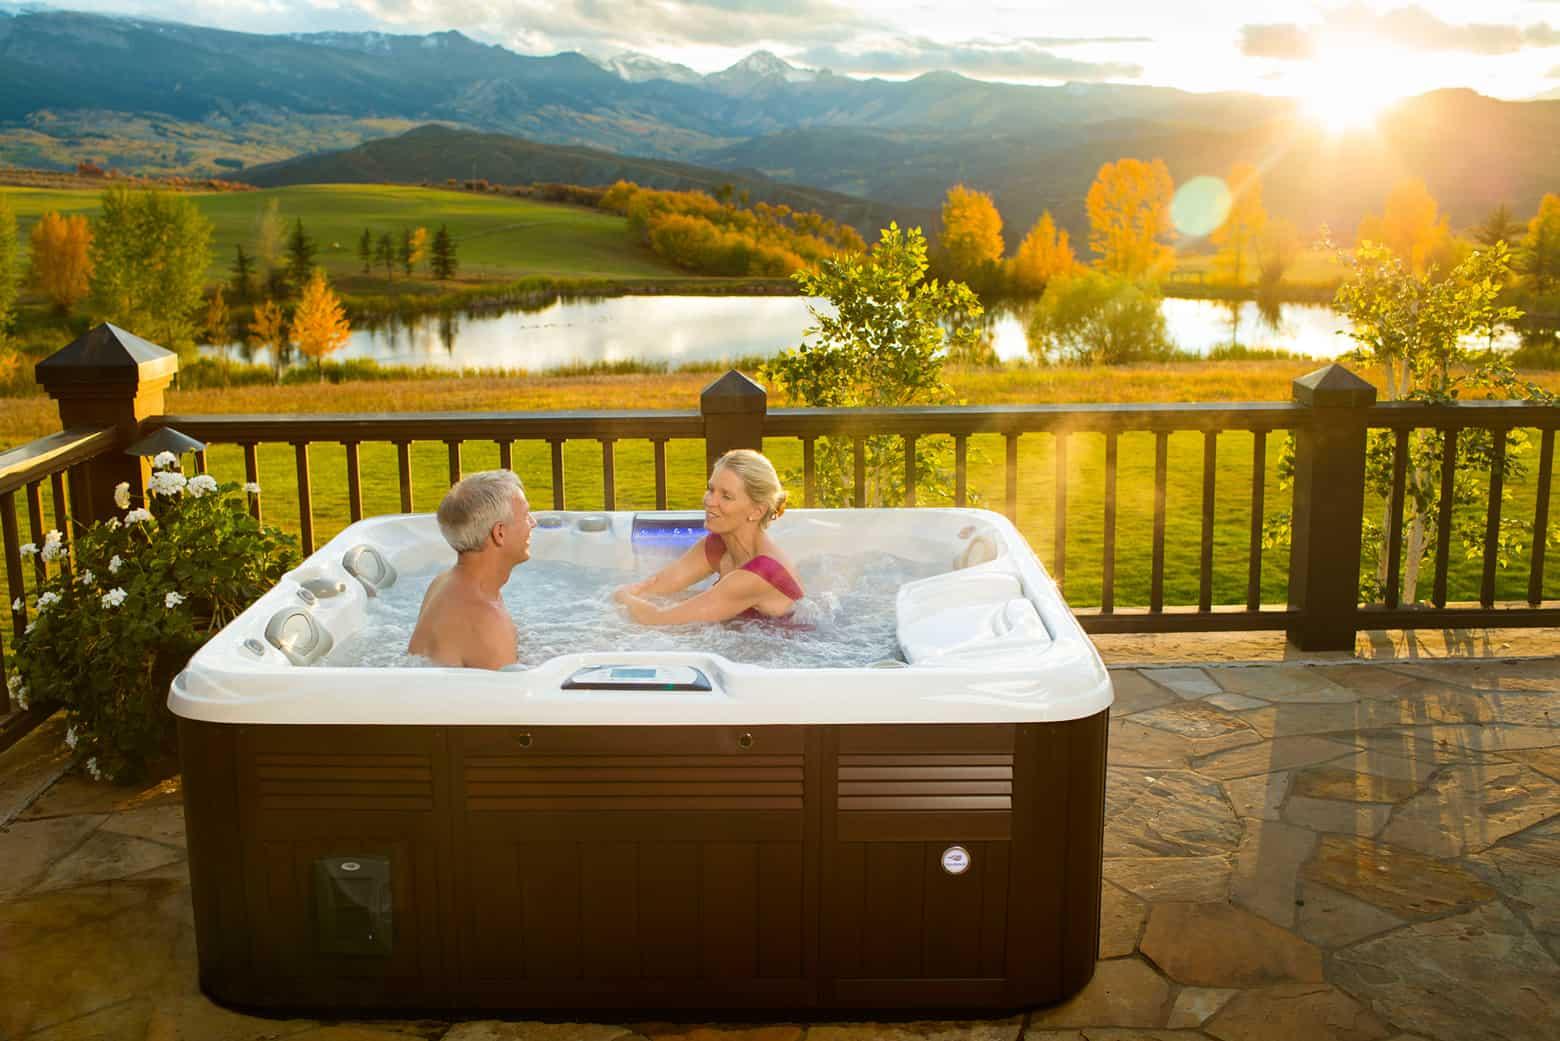 hot tubs spas. Black Bedroom Furniture Sets. Home Design Ideas